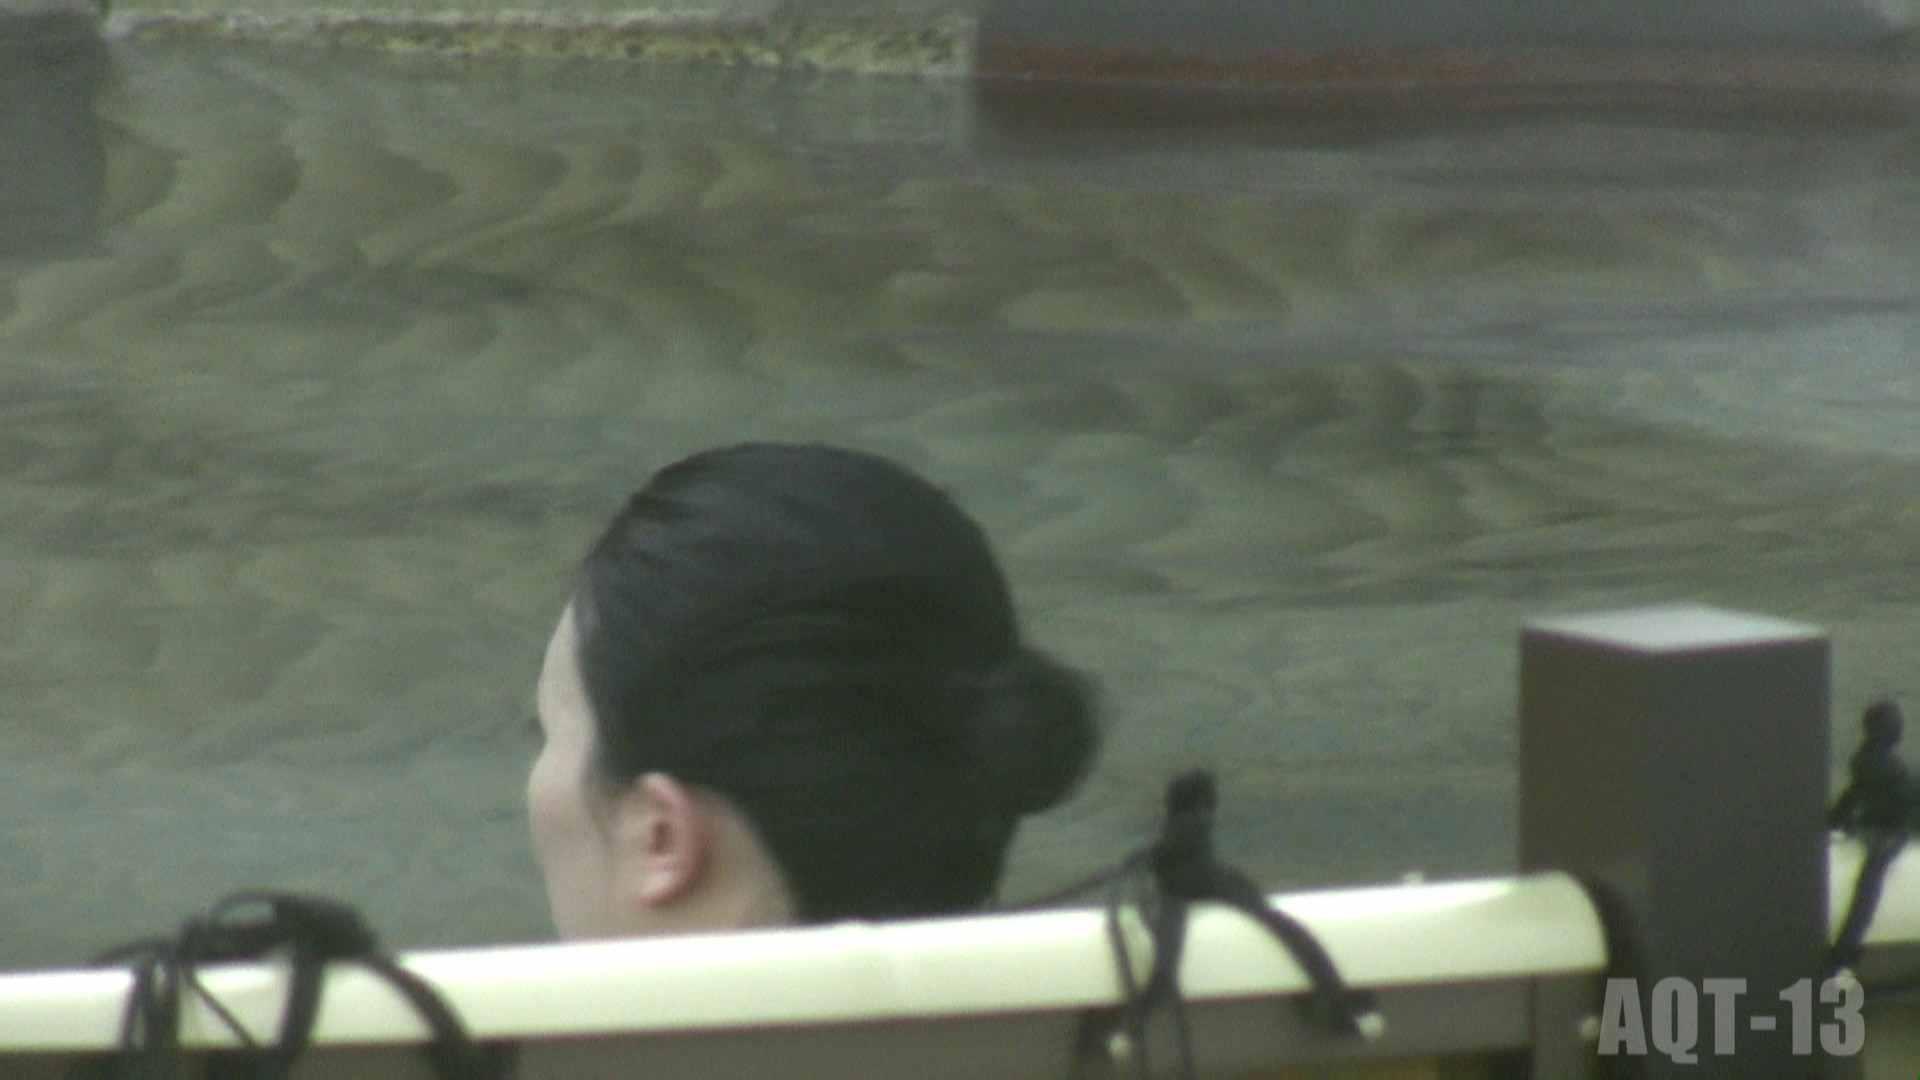 Aquaな露天風呂Vol.818 美しいOLの裸体 | 盗撮師作品  71pic 25